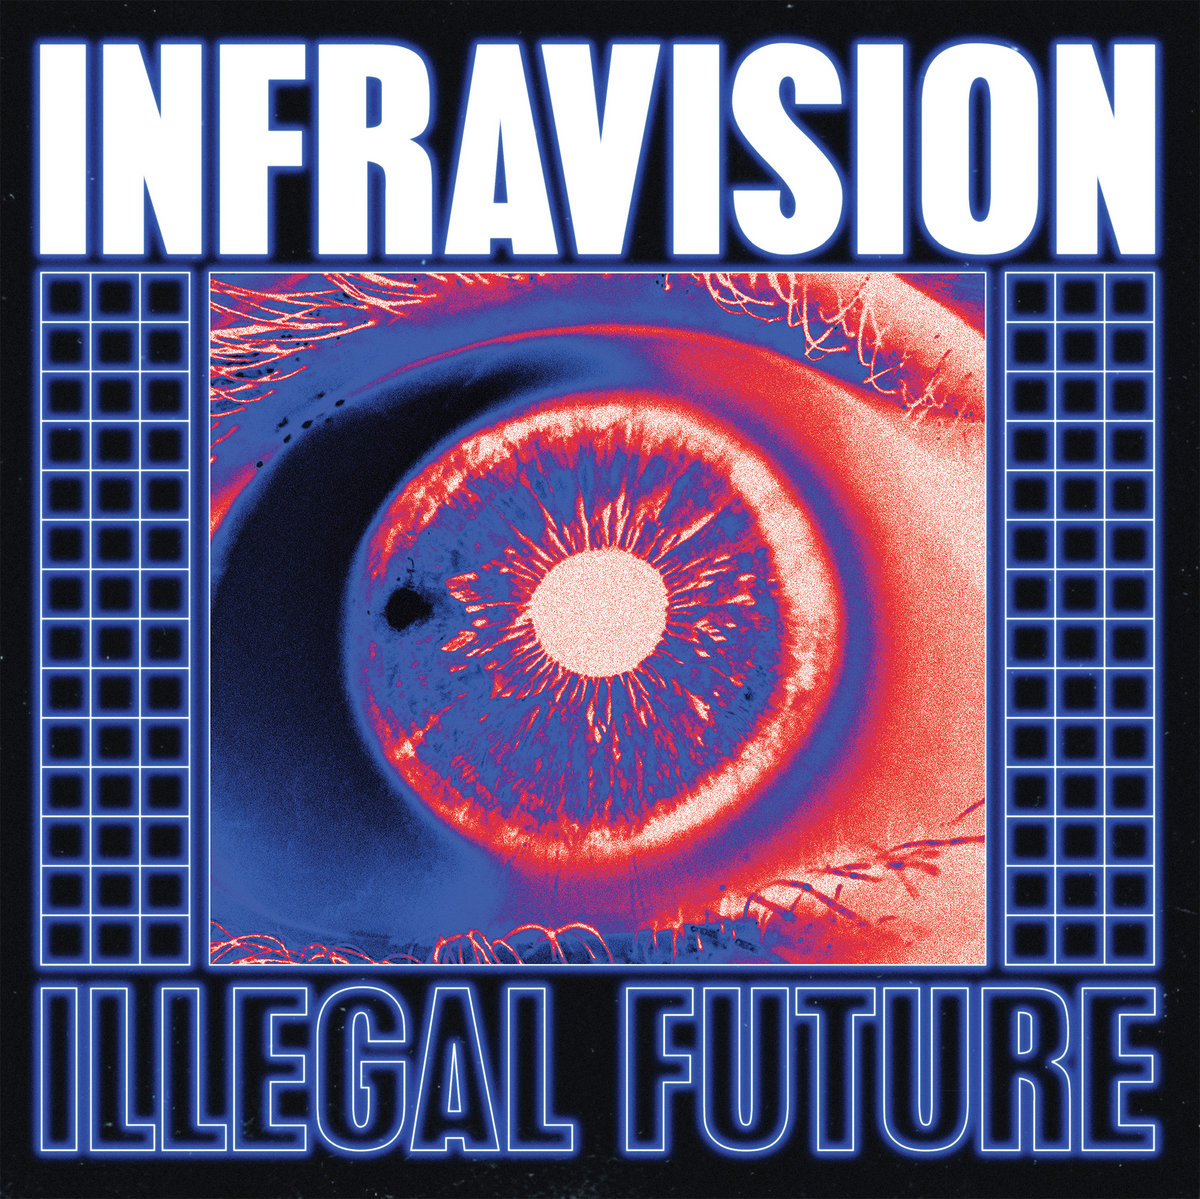 """Infravision, """"Illegal Future"""""""